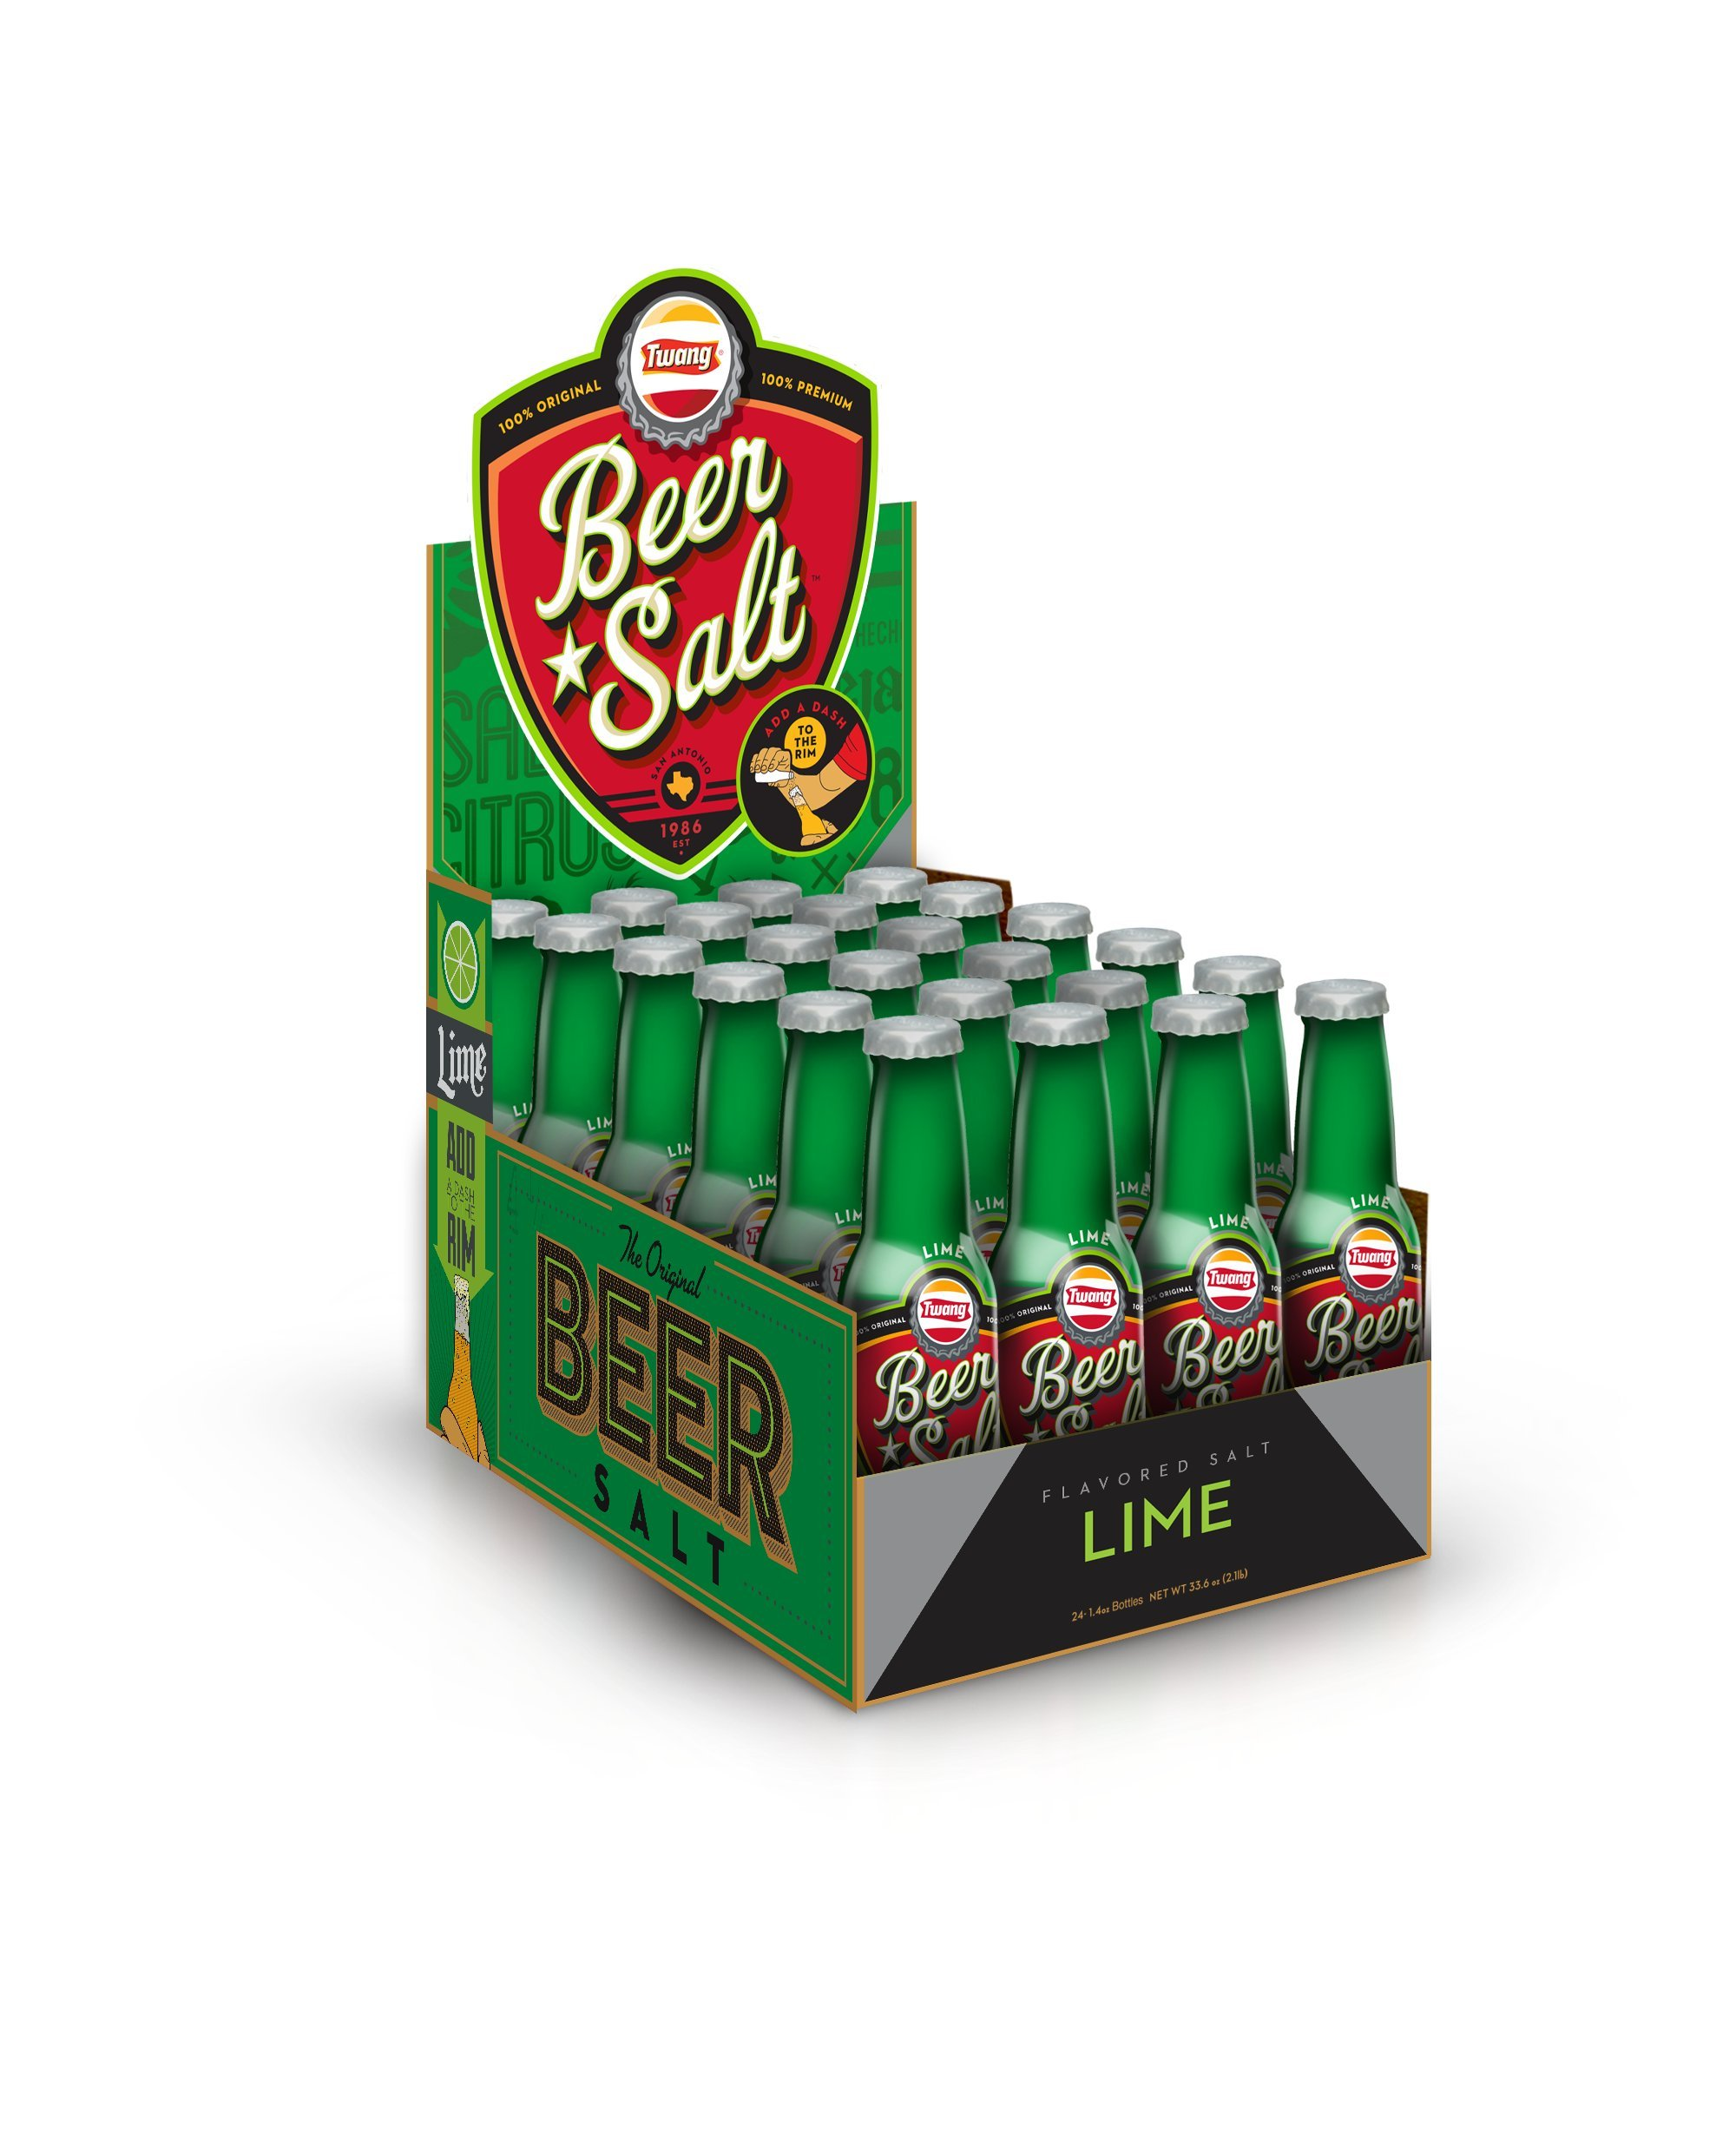 Twang Lime Flavored Salt, Beer Salt Box, Citrus Dressed Beer, 1.4 Ounce Mini Bottles, 24 Count by Twang